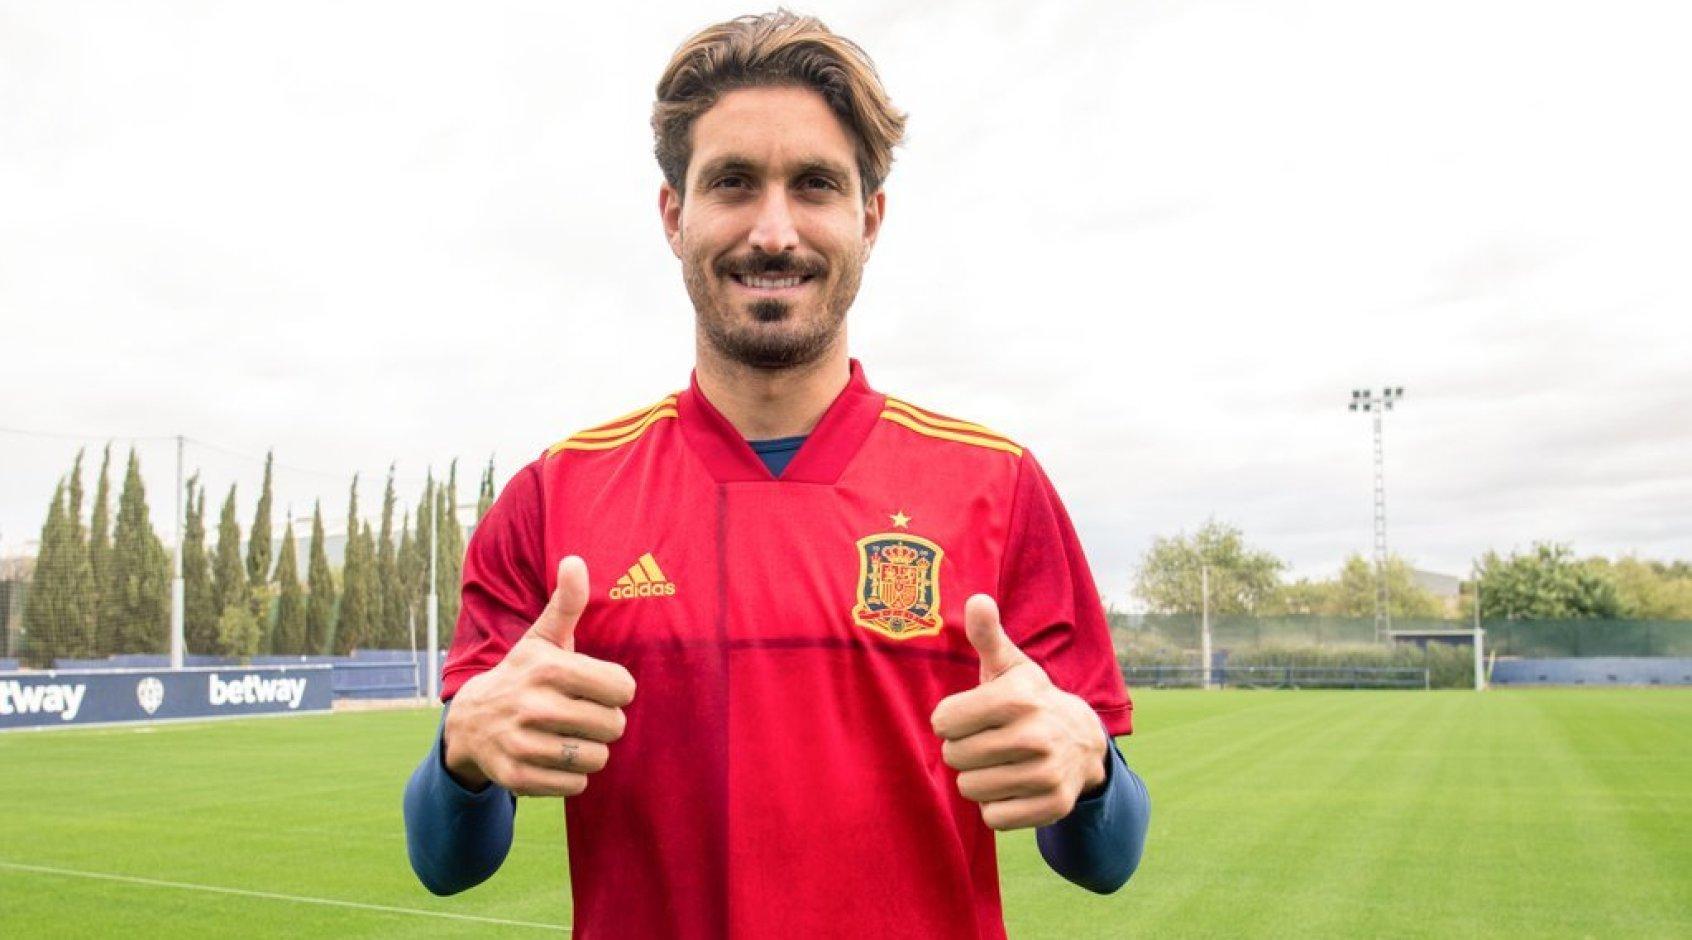 Хосе Кампанья в сборной Испании: когда мечты сбываются